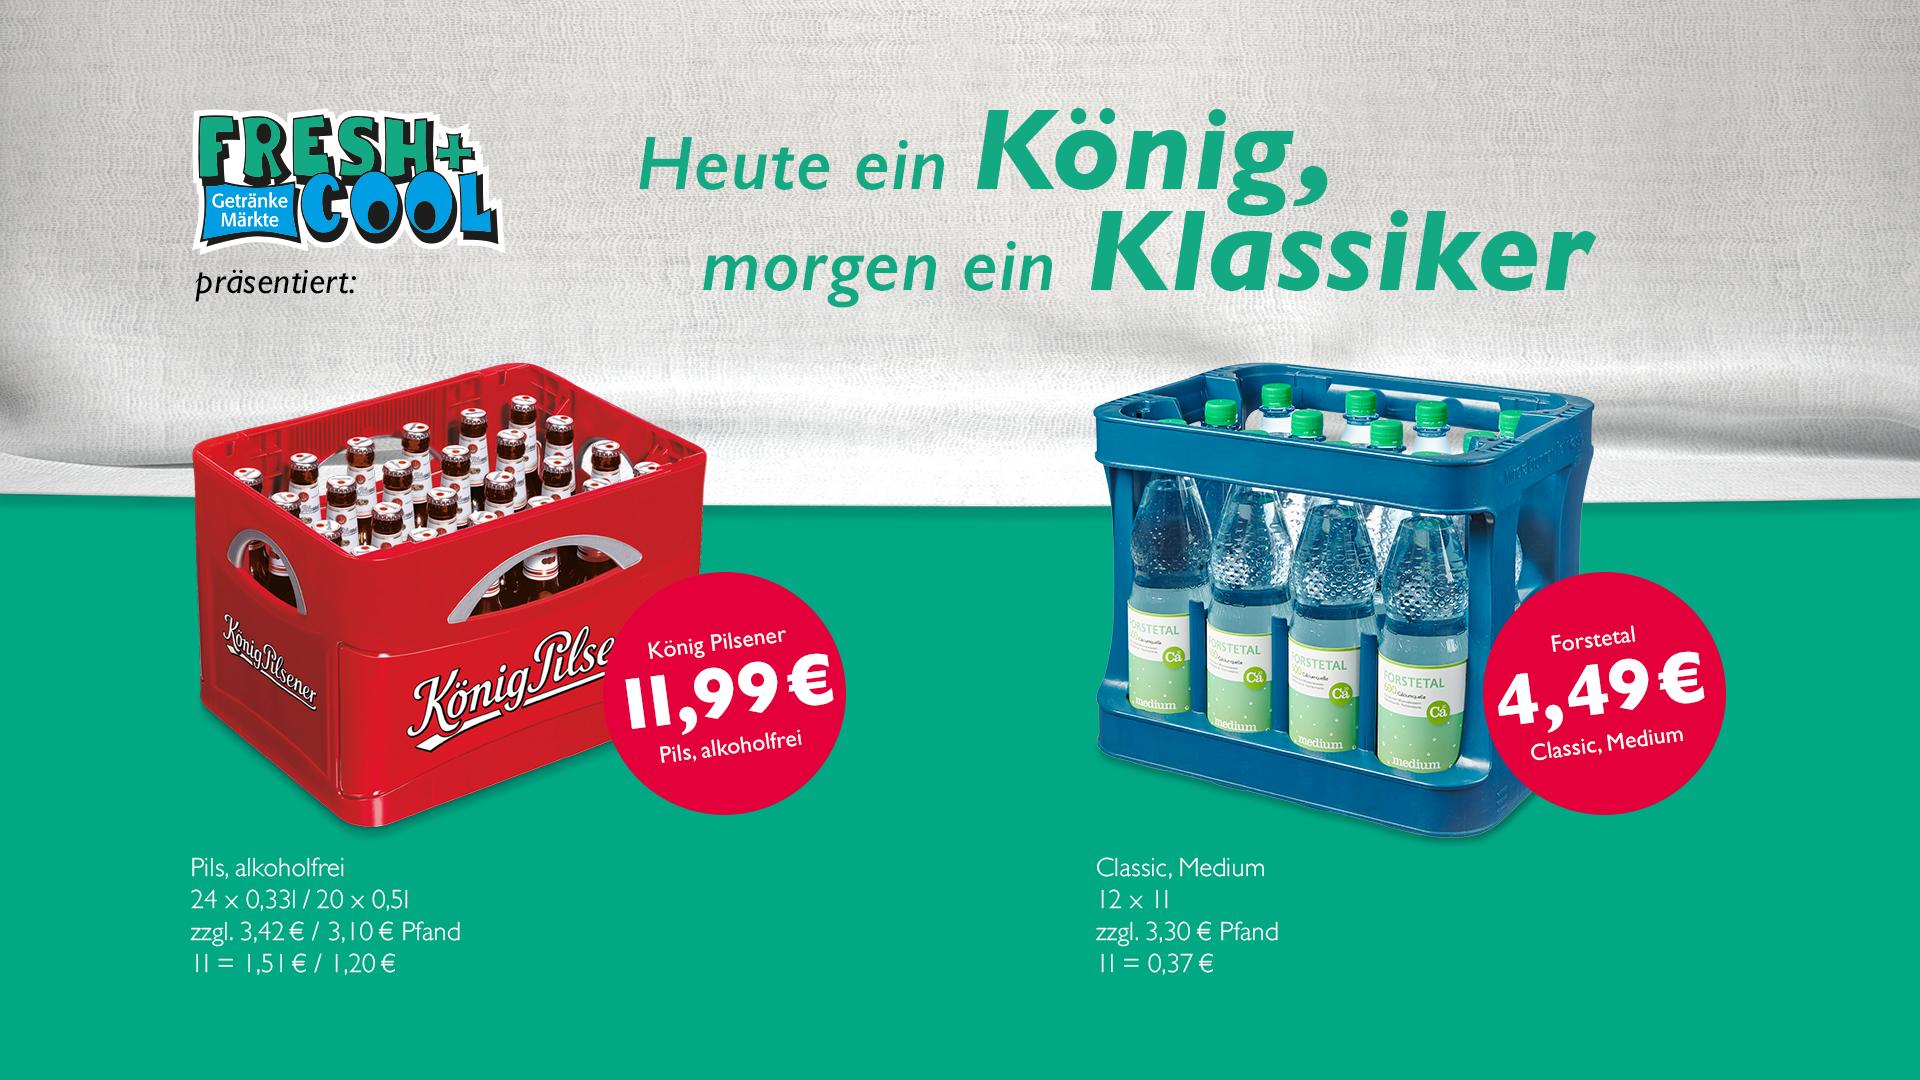 Angebote vom 16.06.-21.06.2017 | Getränke Rücker